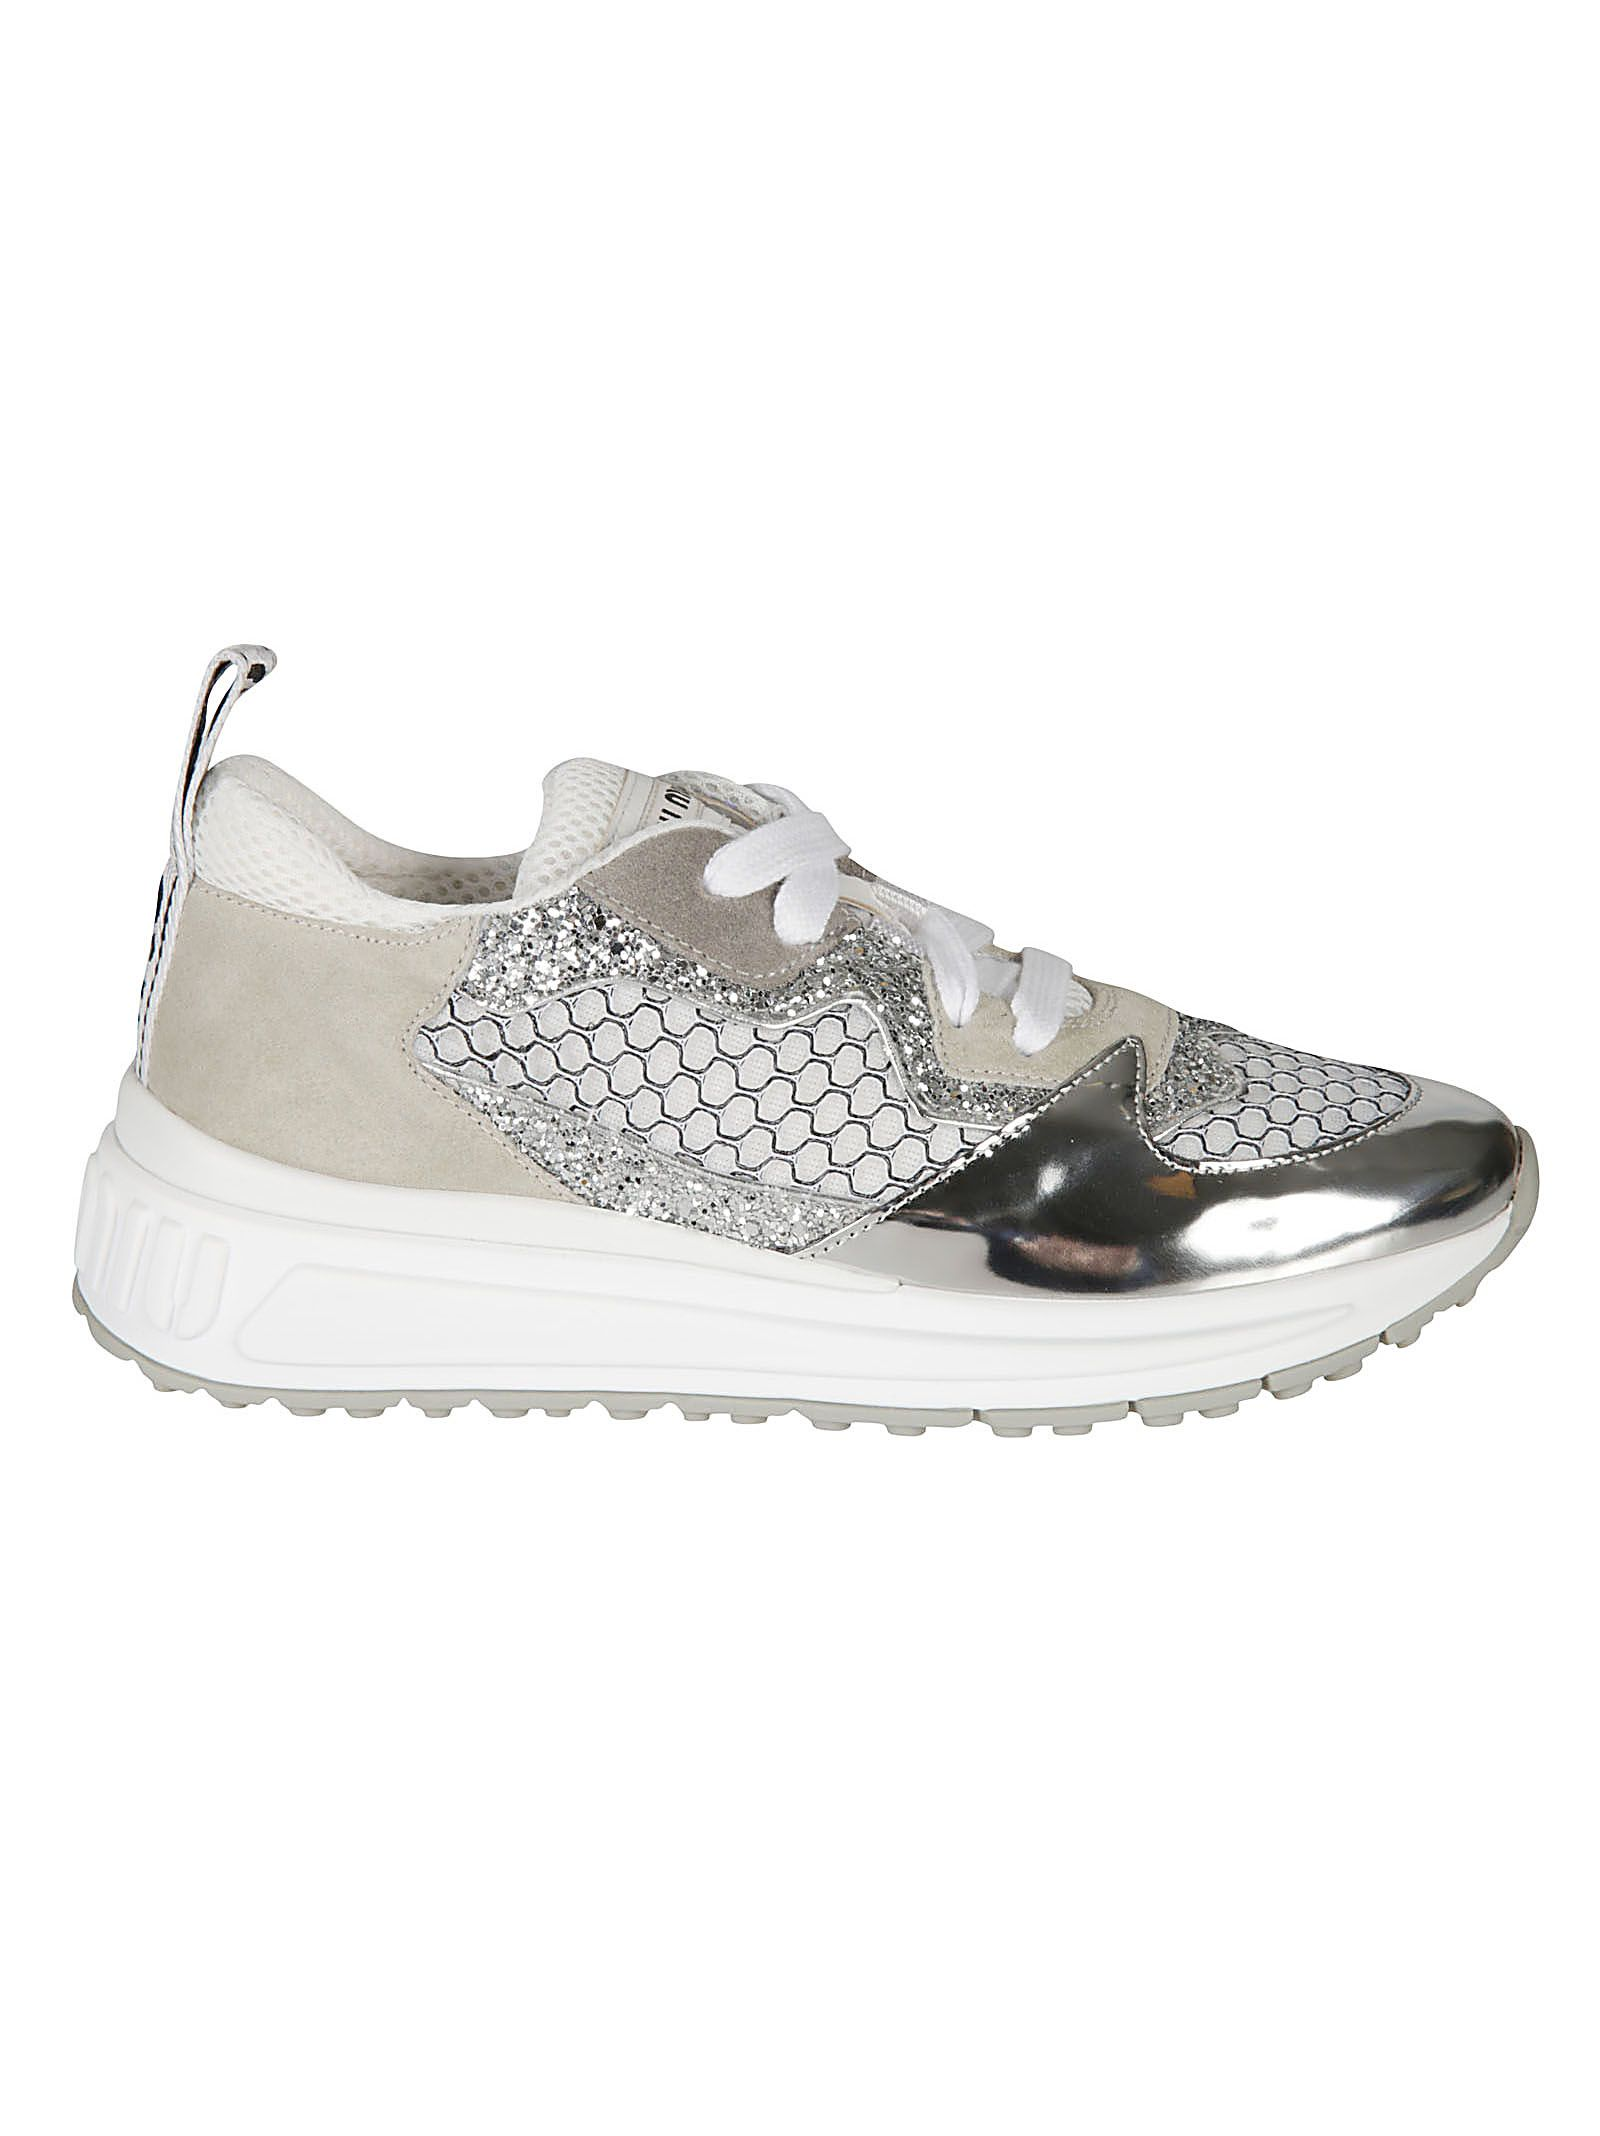 7cb0f8b6498 Miu Miu Miu Miu Glitter Detailed Sneakers - Silver - 10823544